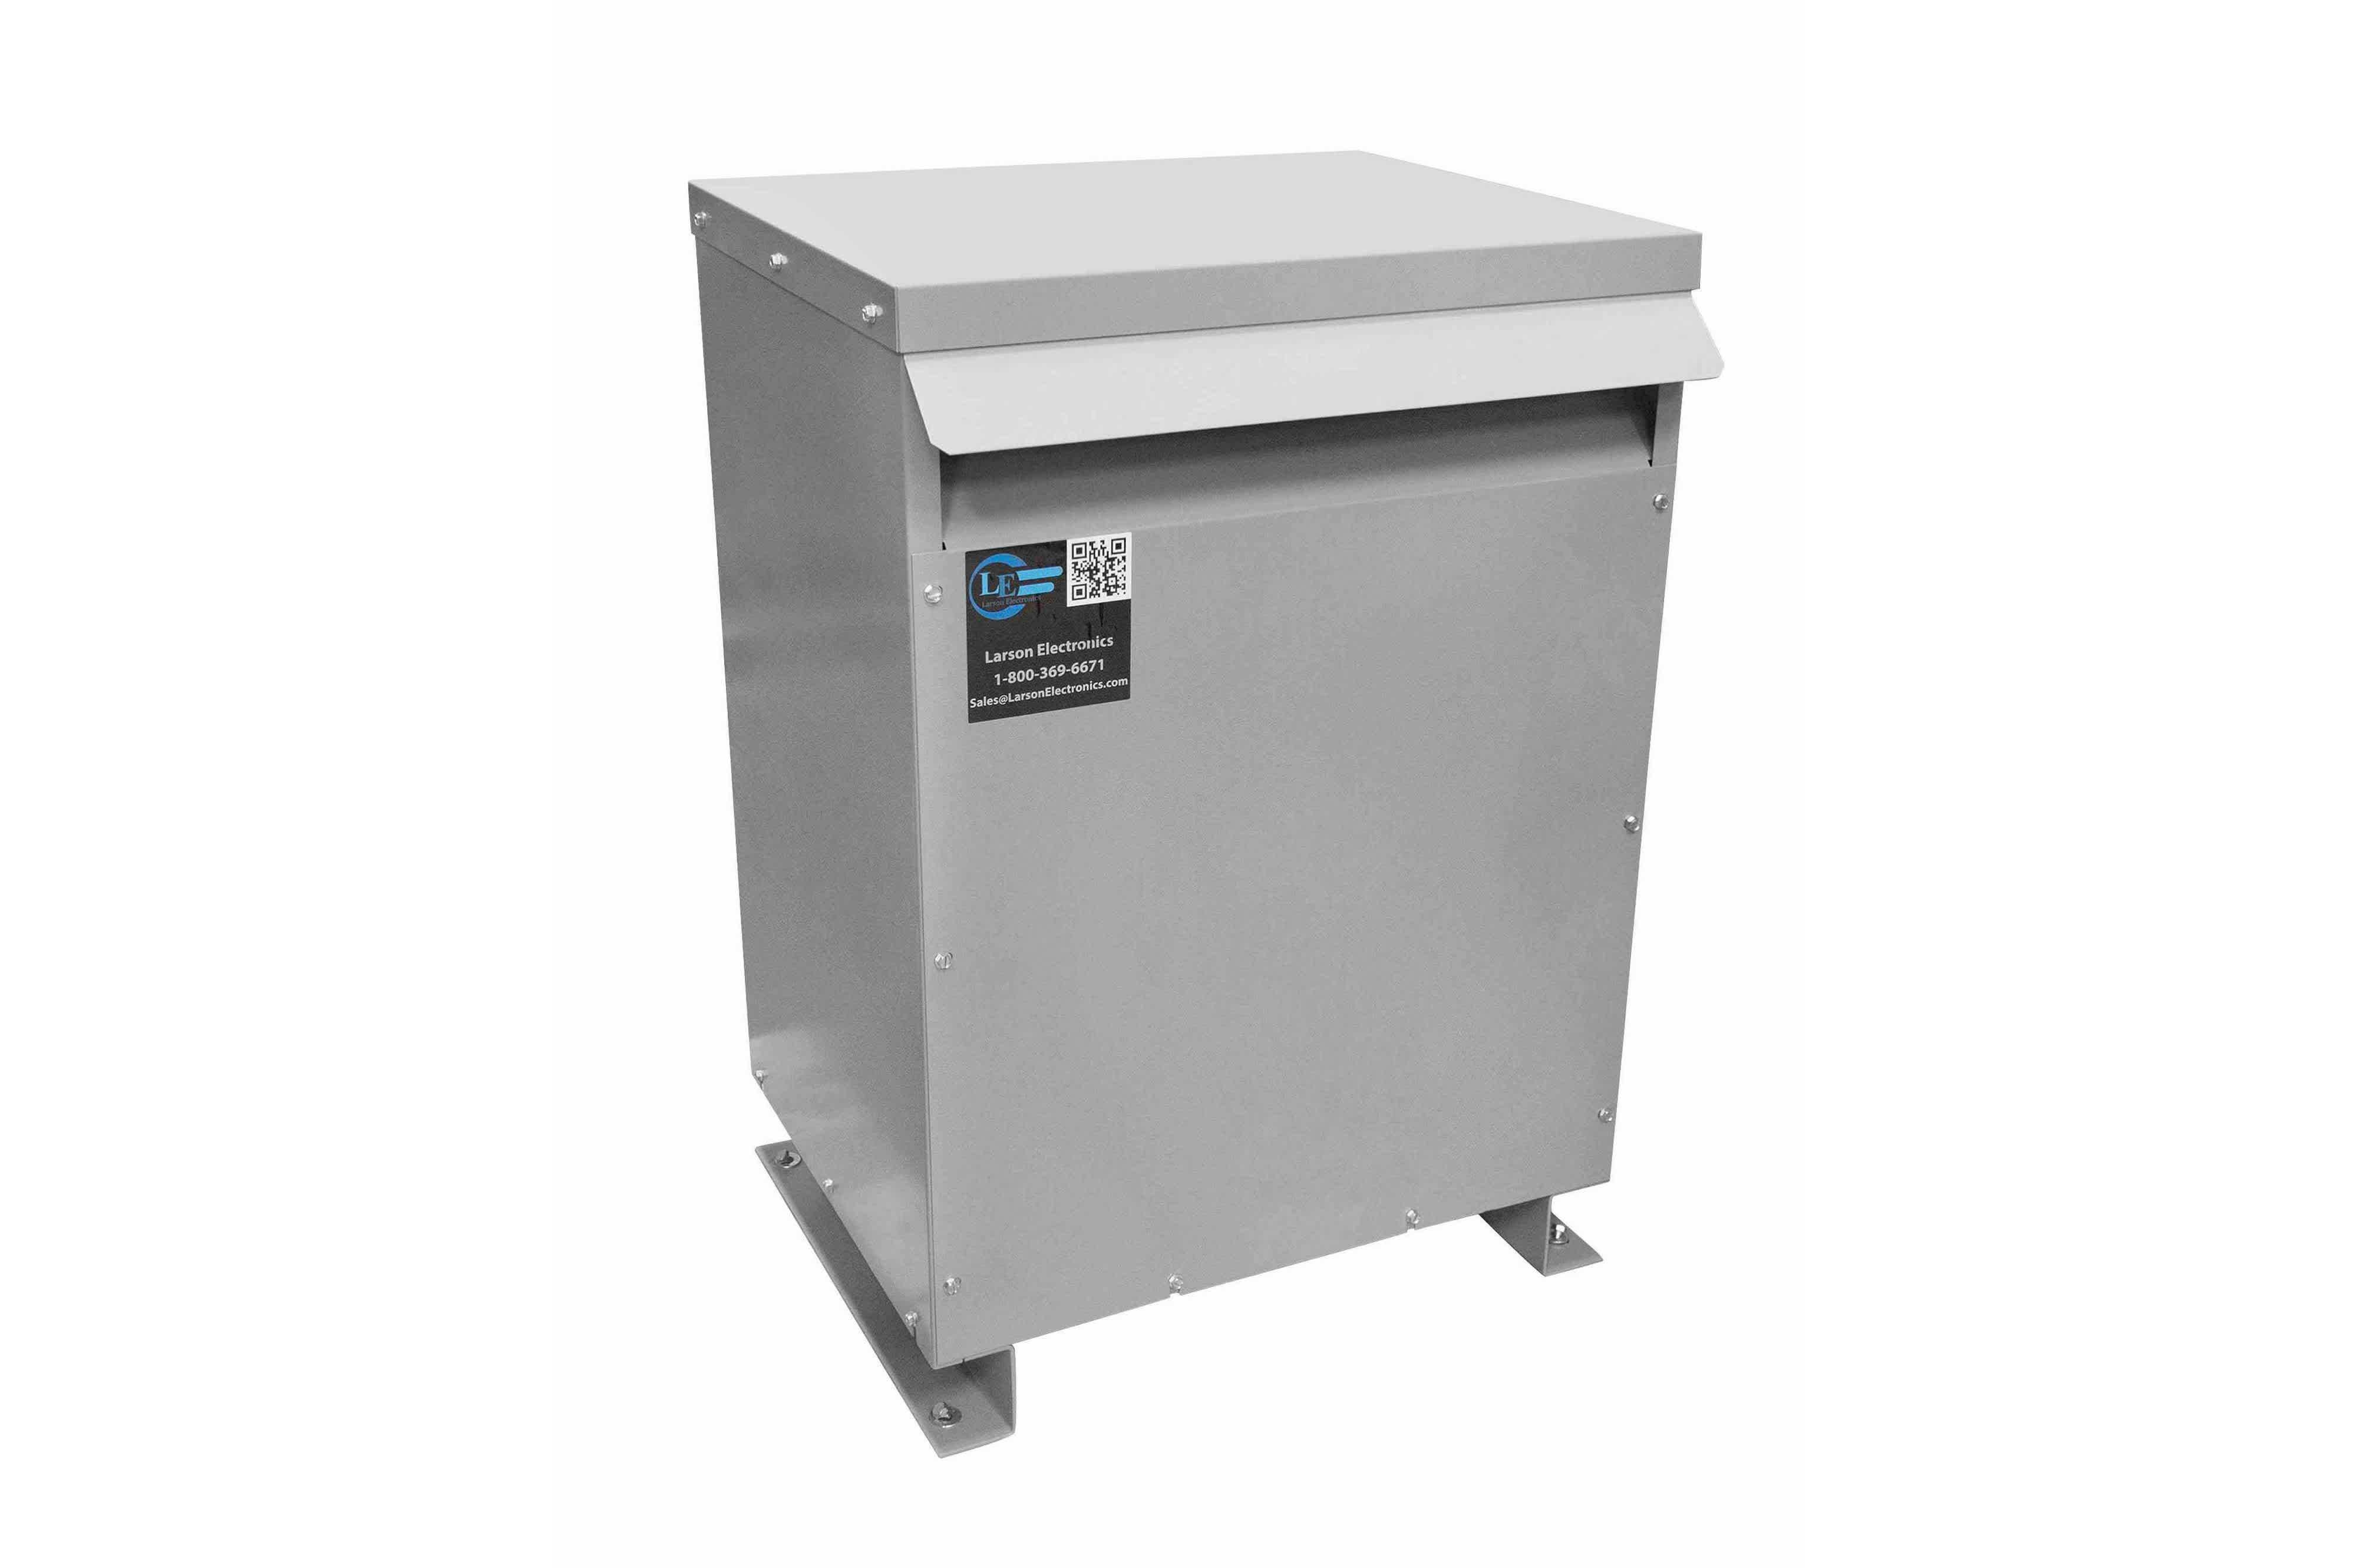 900 kVA 3PH Isolation Transformer, 480V Delta Primary, 208V Delta Secondary, N3R, Ventilated, 60 Hz